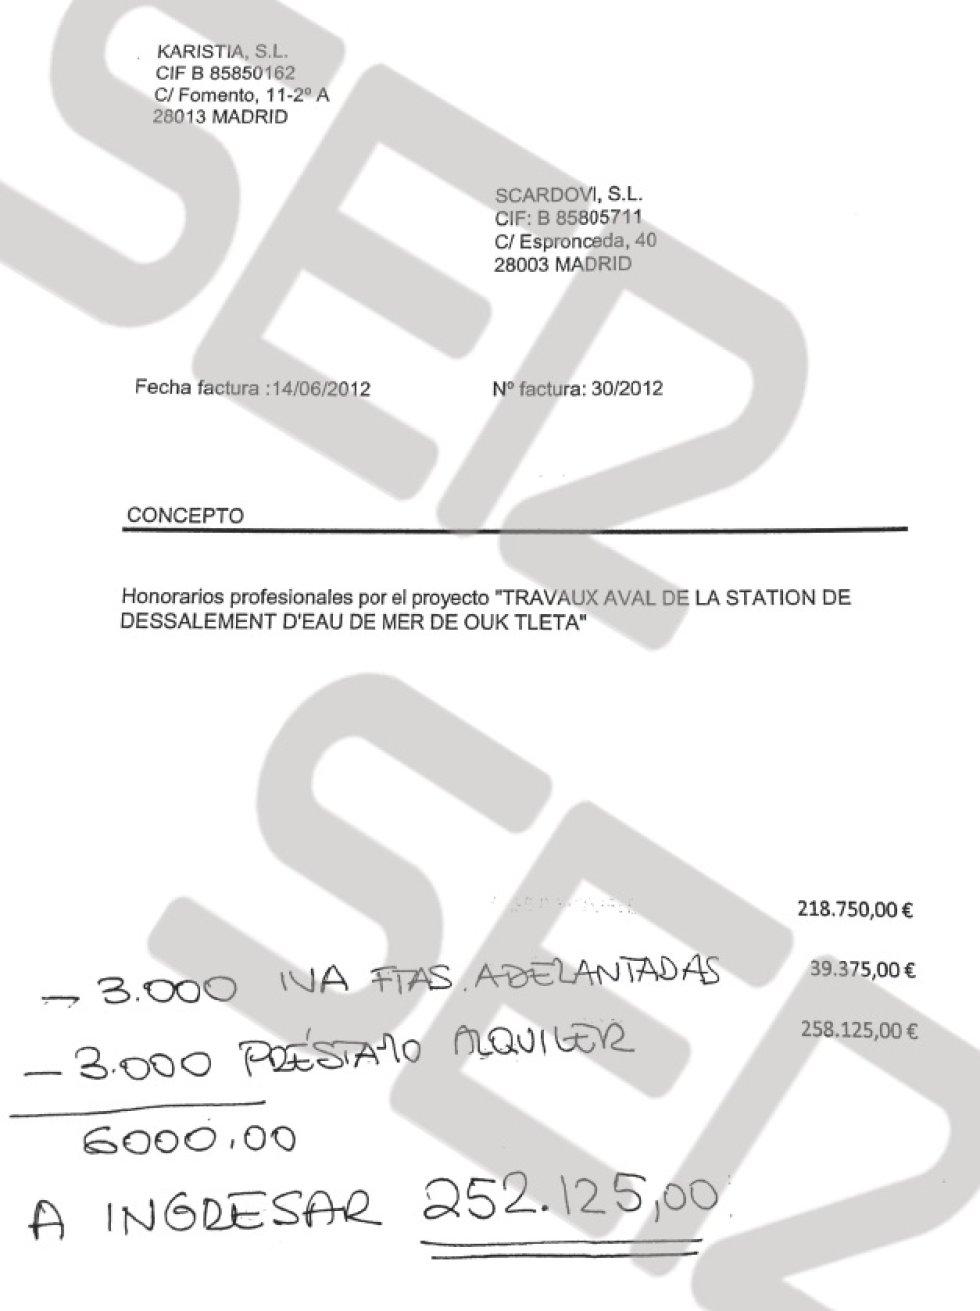 Scardovi paga a Karistia la parte de la comisión por la adjudicación del contrato del sistema de canalización de aguas en Argelia.